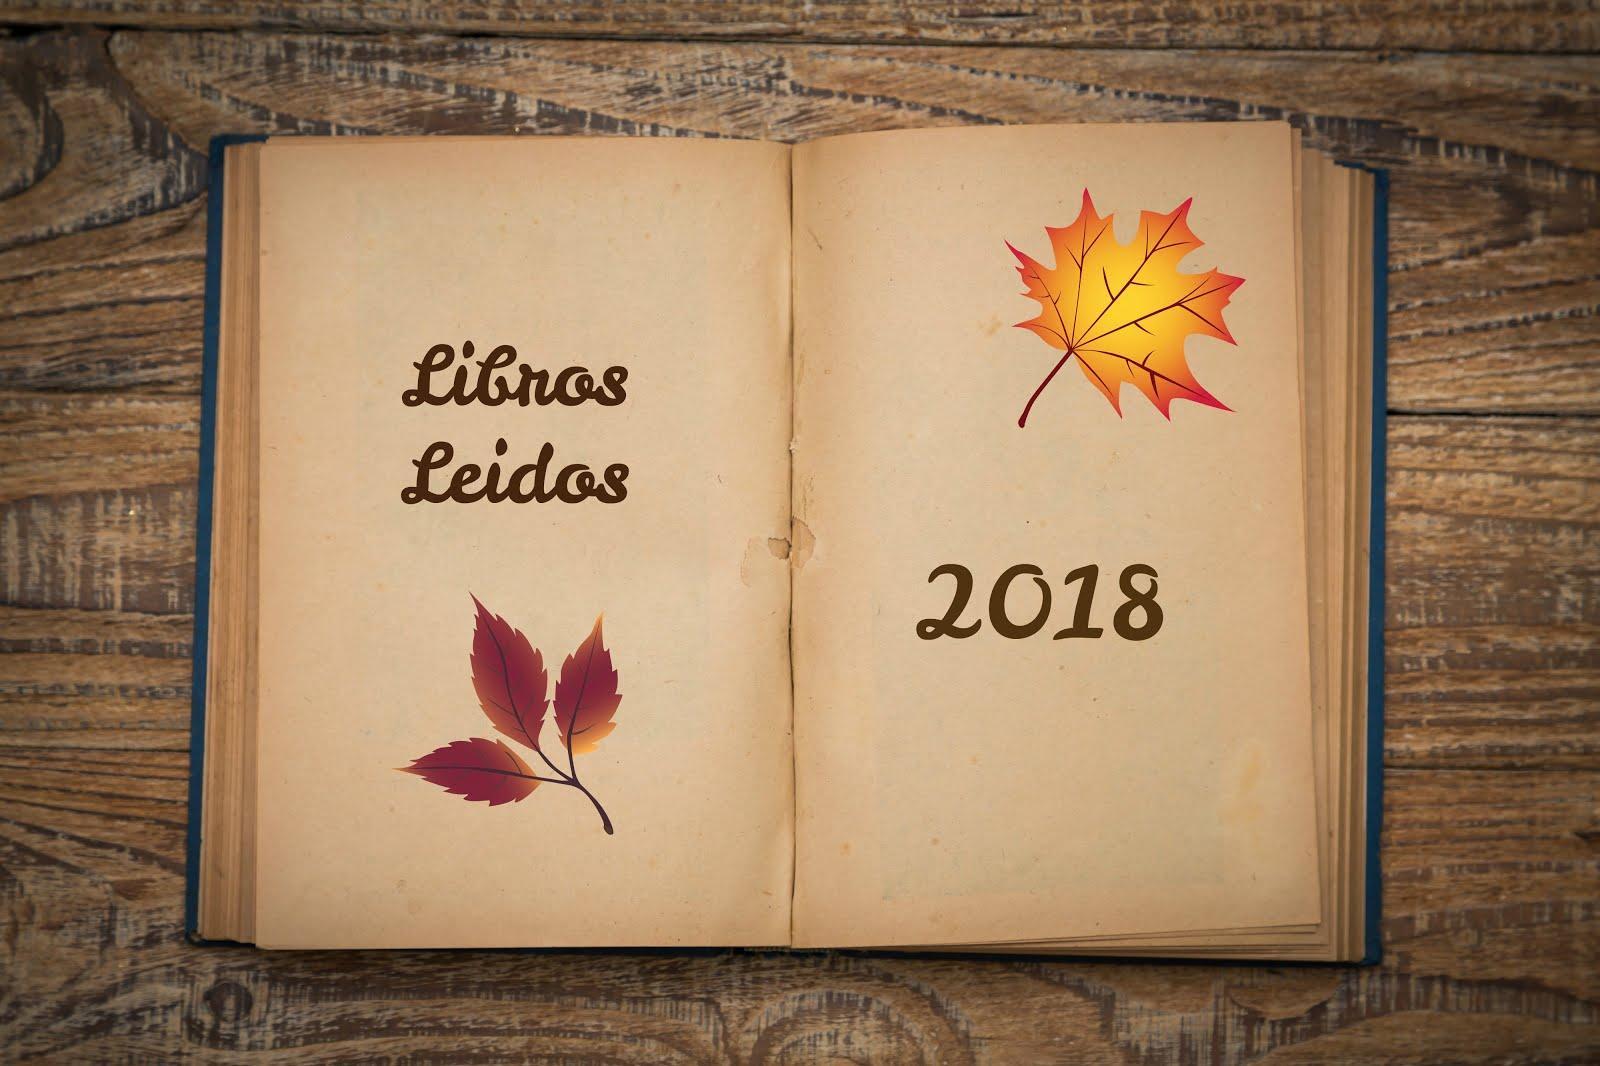 LIBROS LEIDOS EN 2018